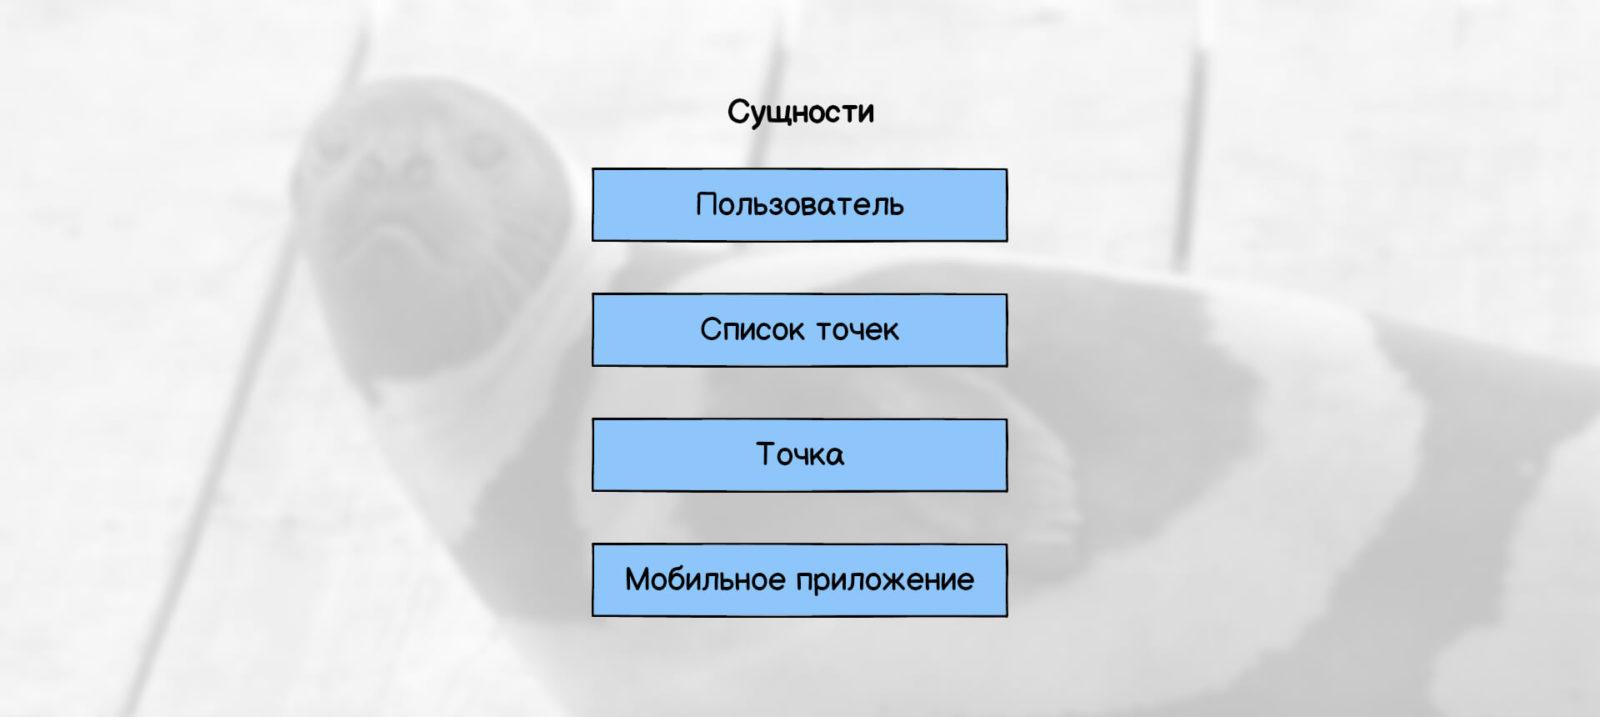 Дизайн данных: сущности мобильного приложения